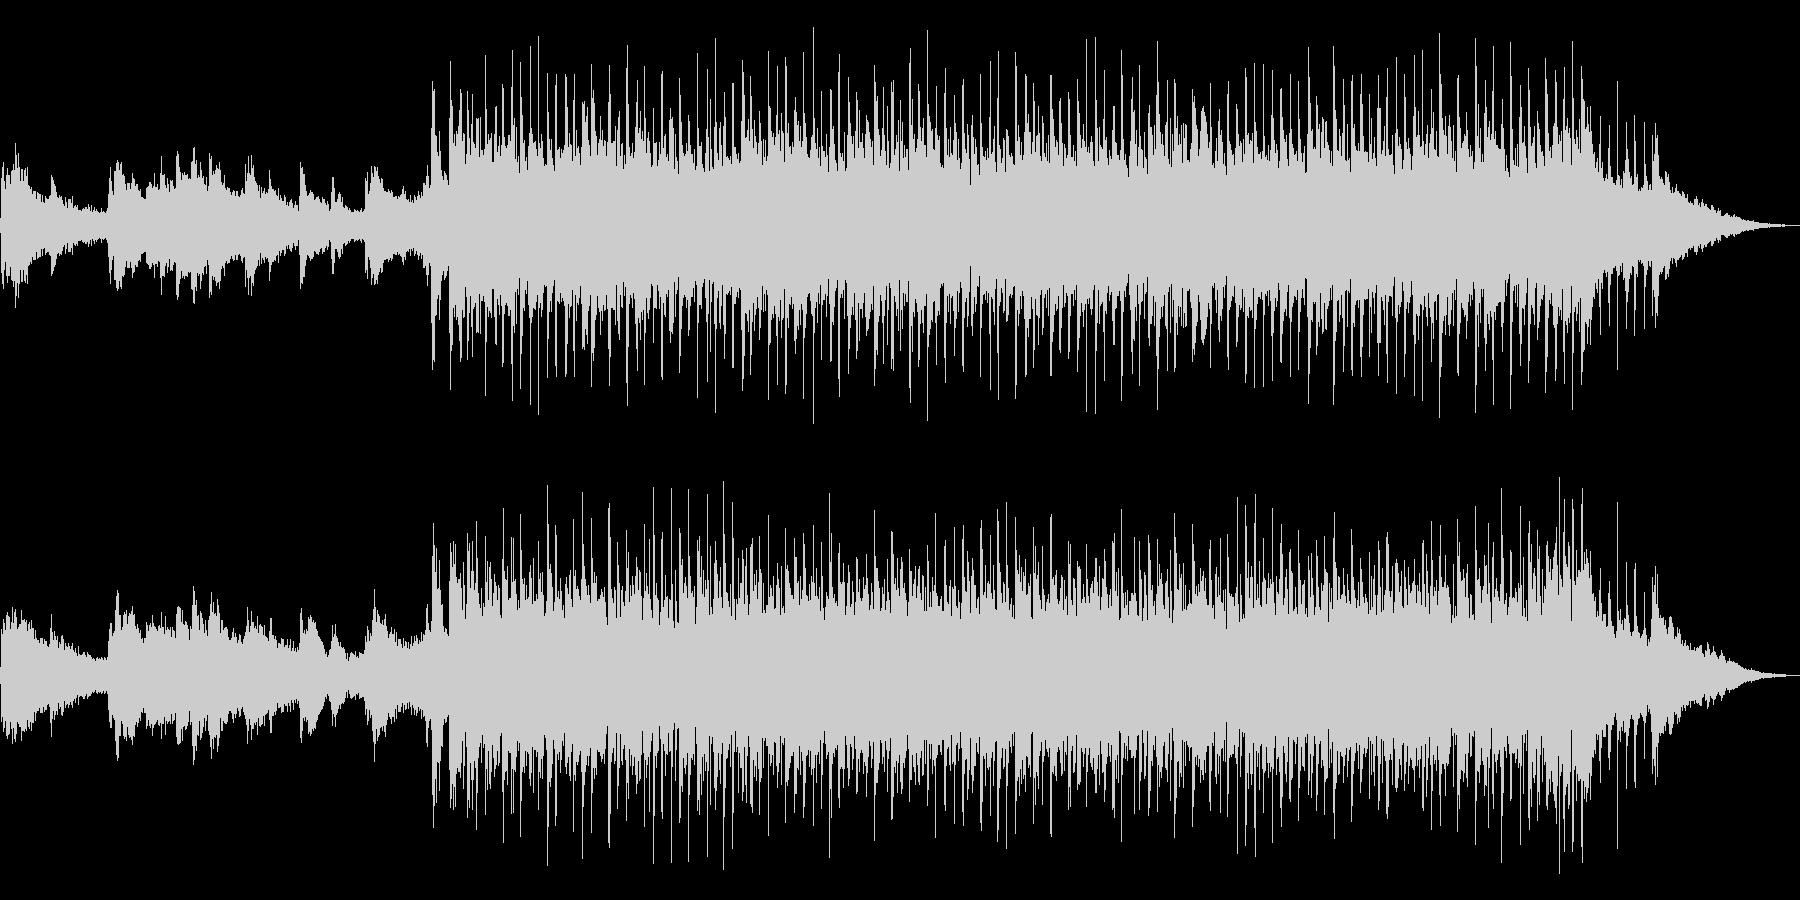 モダン和風EDM/ReMIX/短尺の未再生の波形